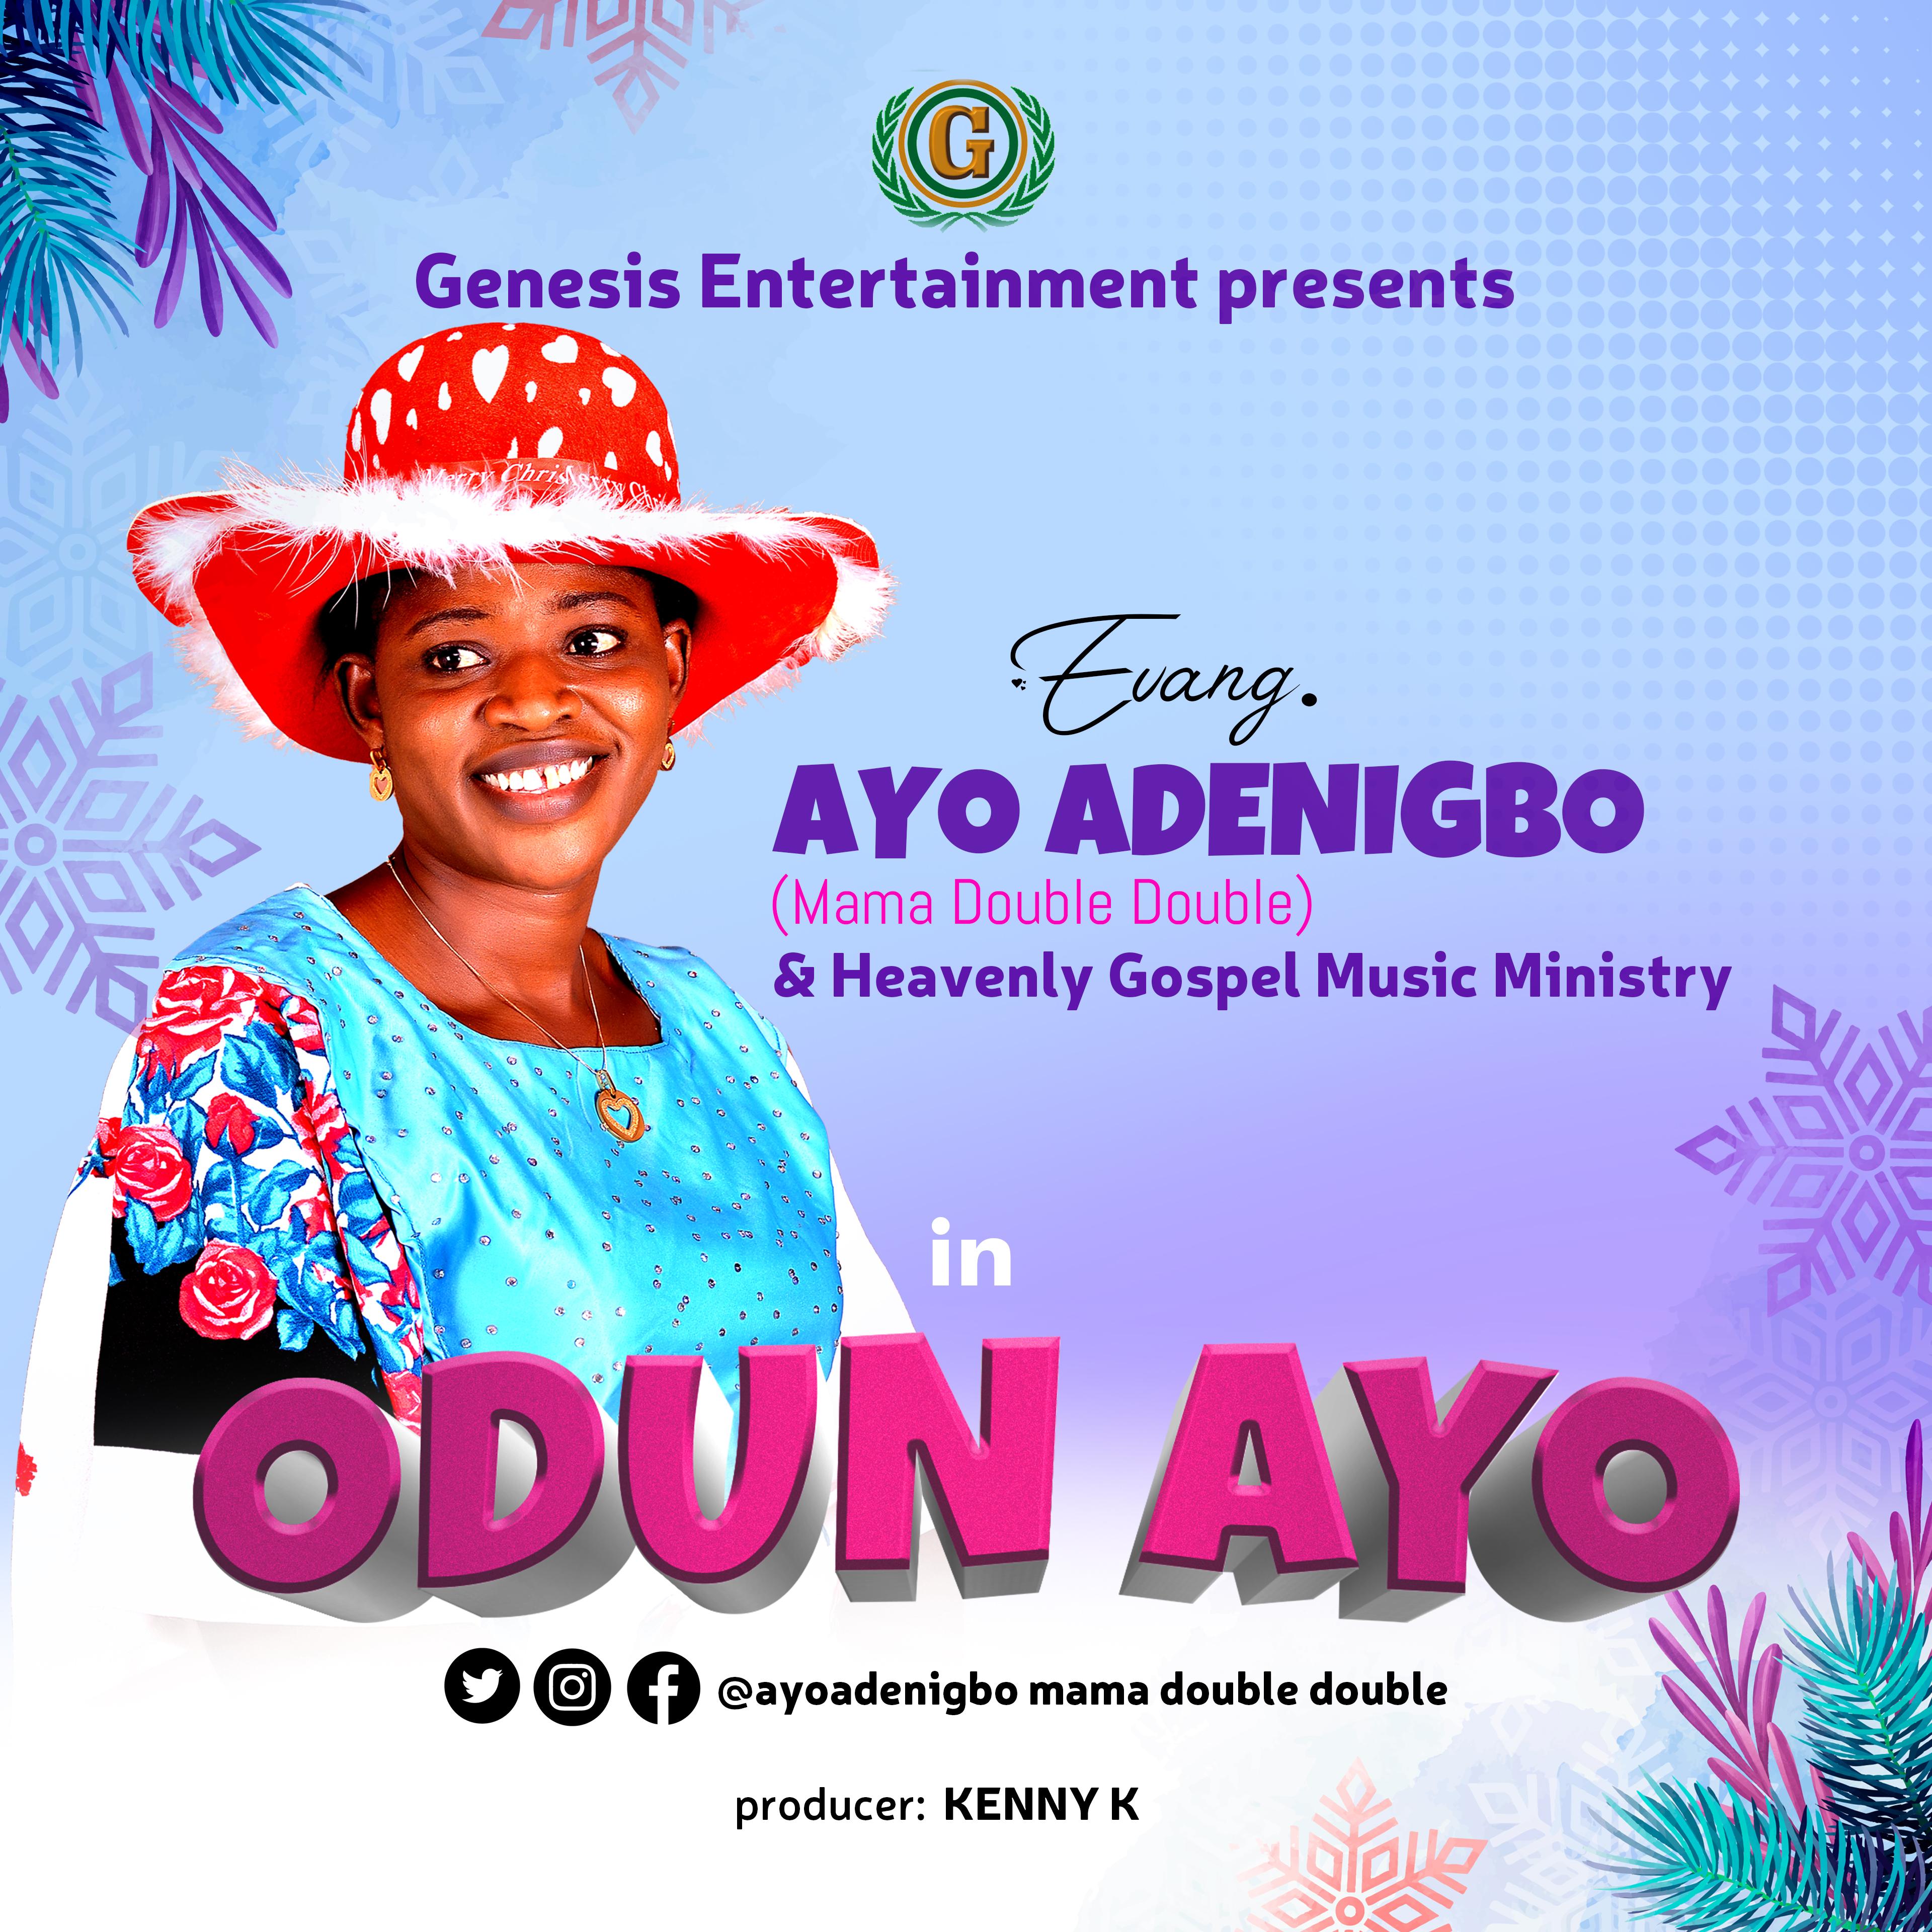 ODUN AYO - Evang. Ayoadenigbo (Mama Double Double)